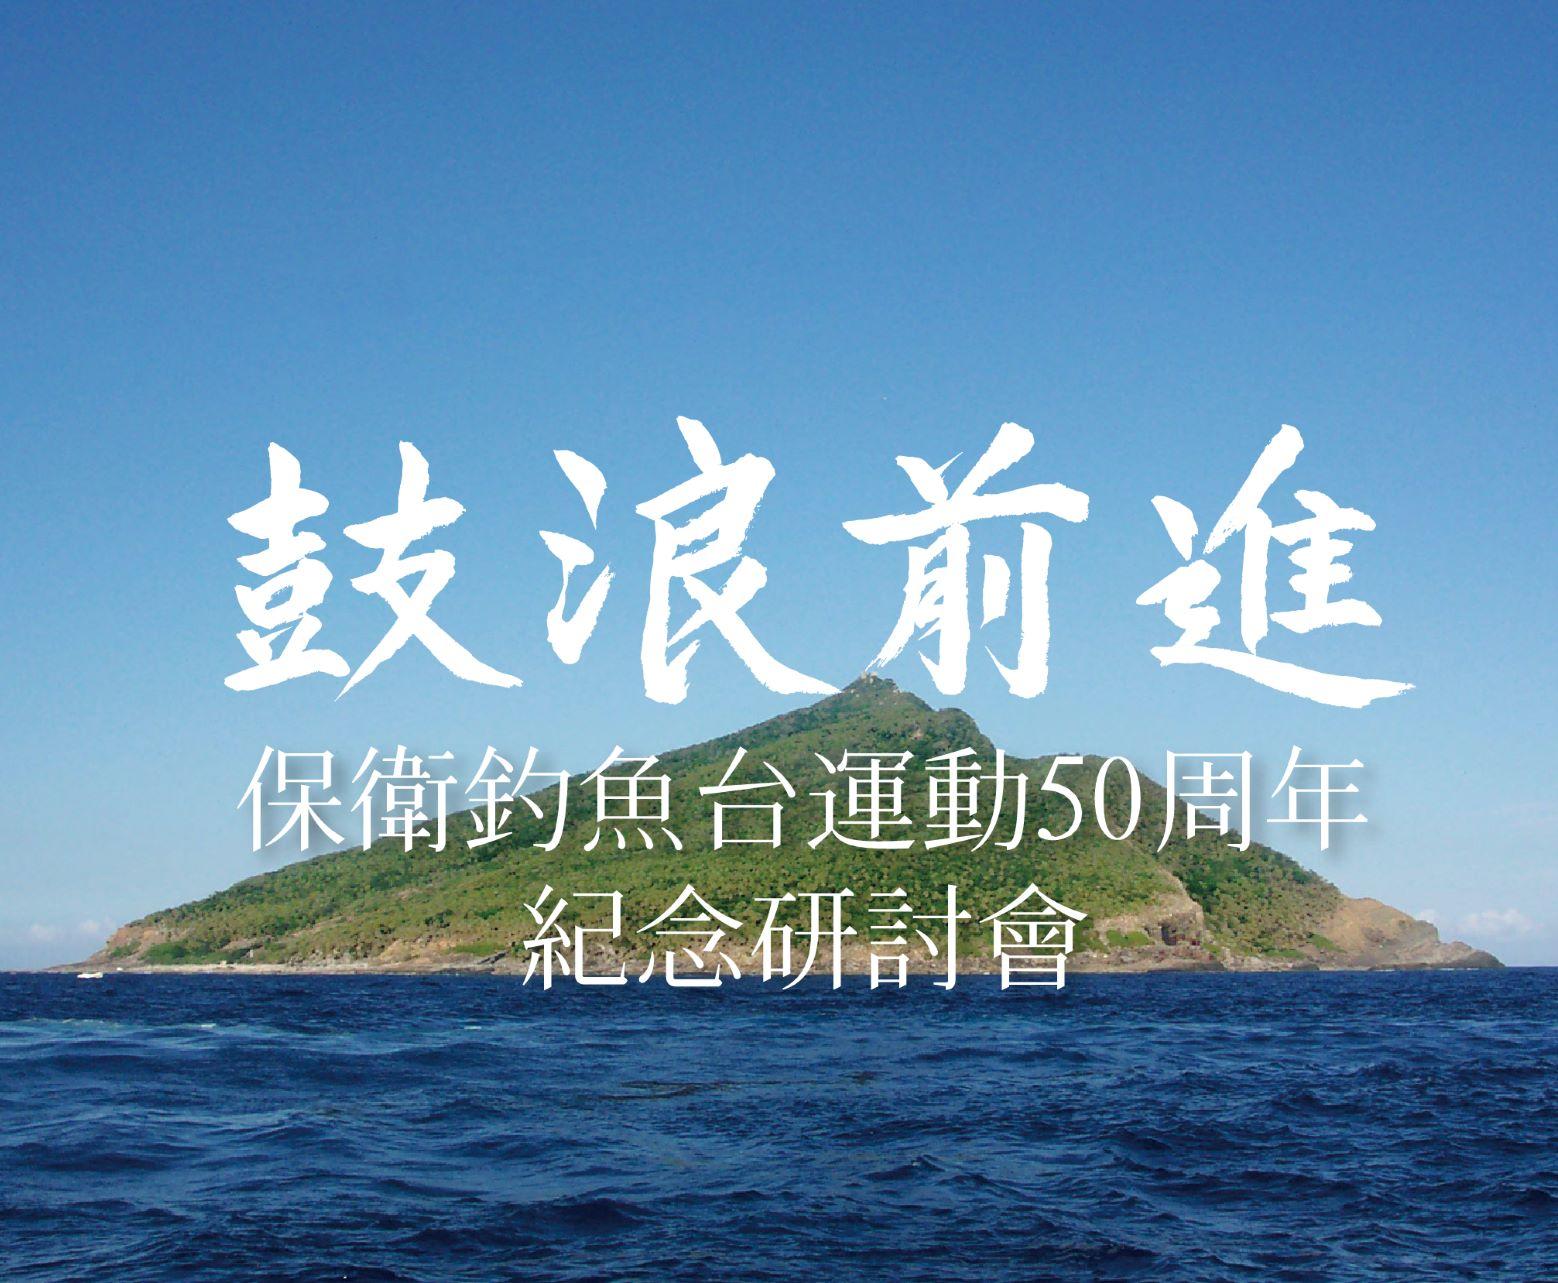 鼓浪前進:保衛釣魚台運動50周年紀念研討會